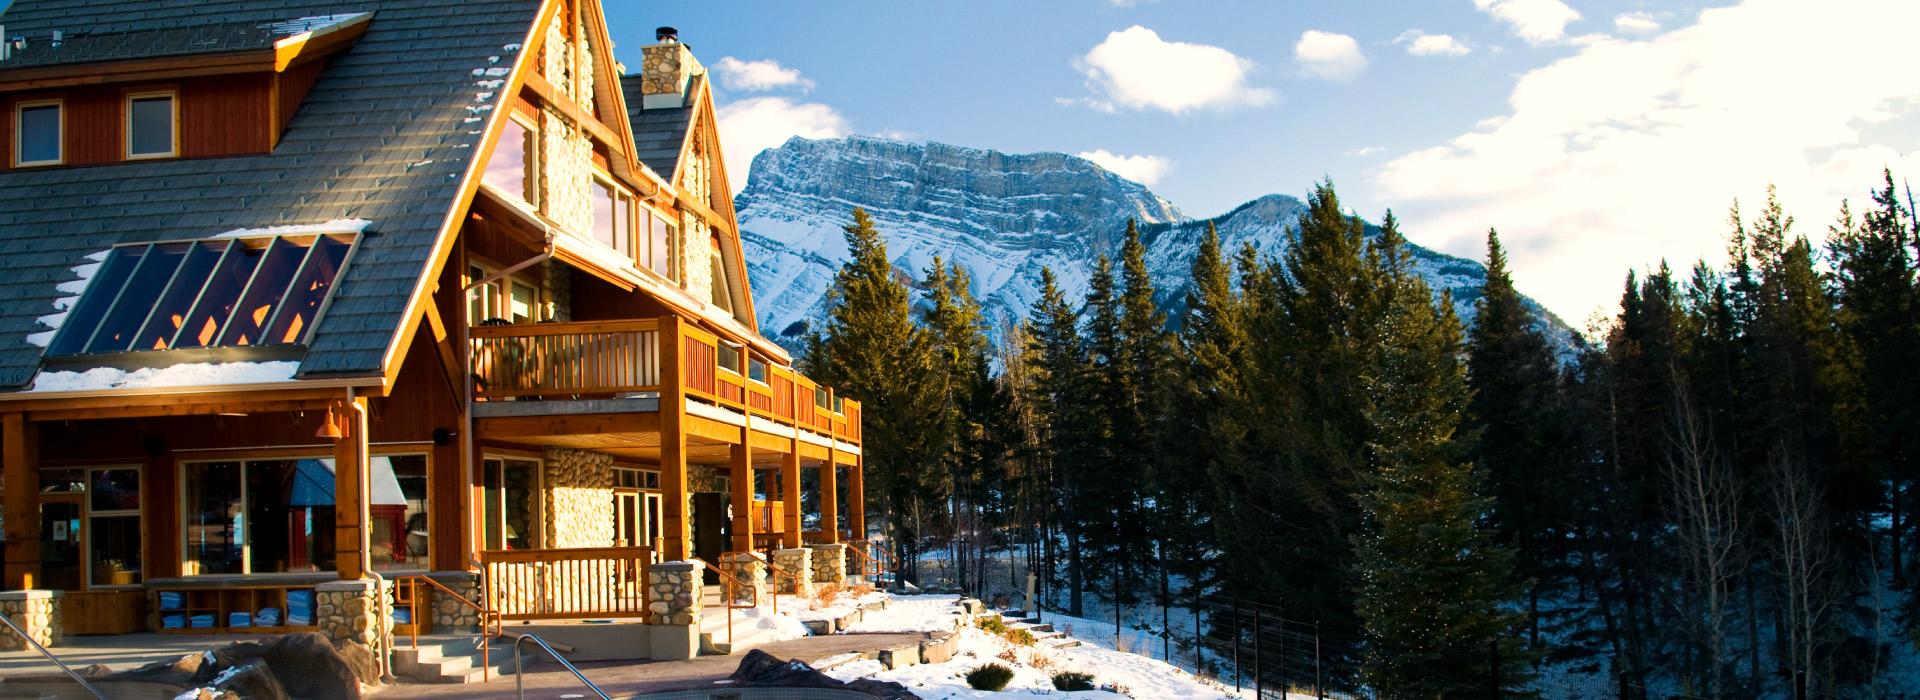 Banff Hidden Ridge